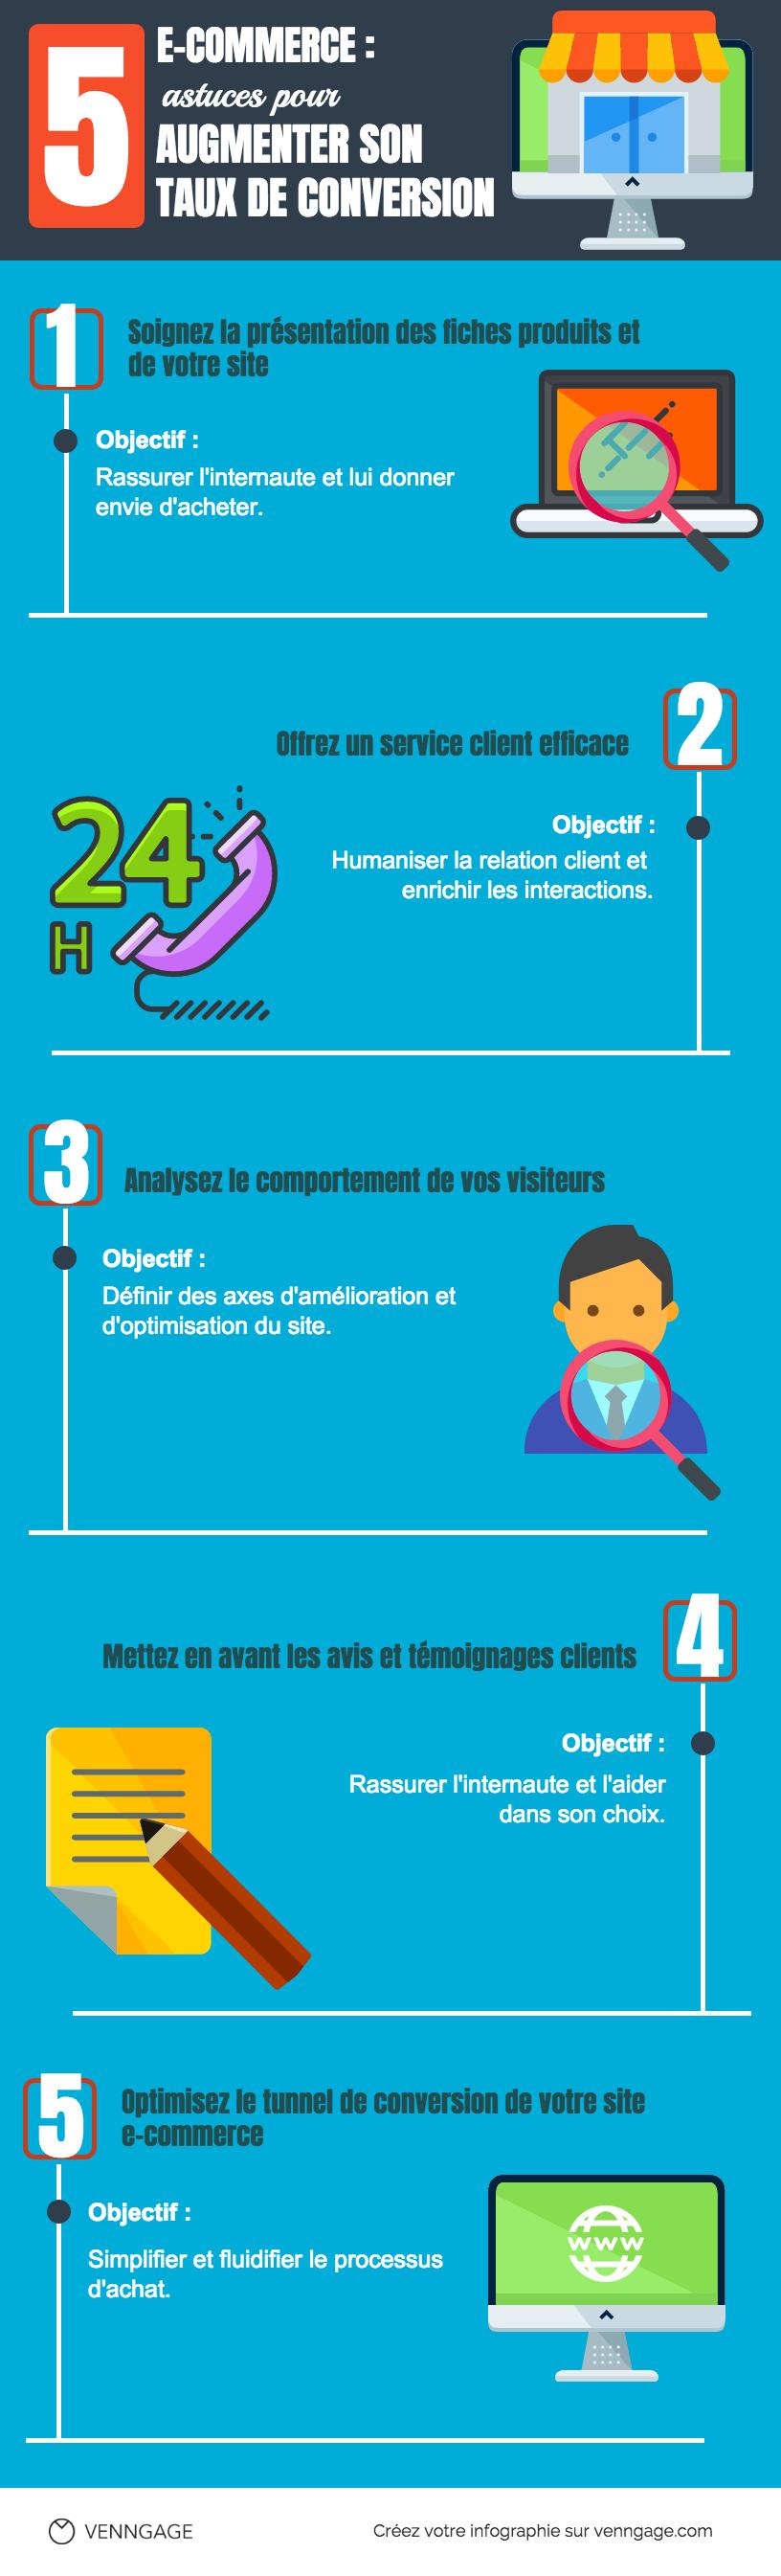 infographie : 5 astuces pour augmenter son taux de conversion